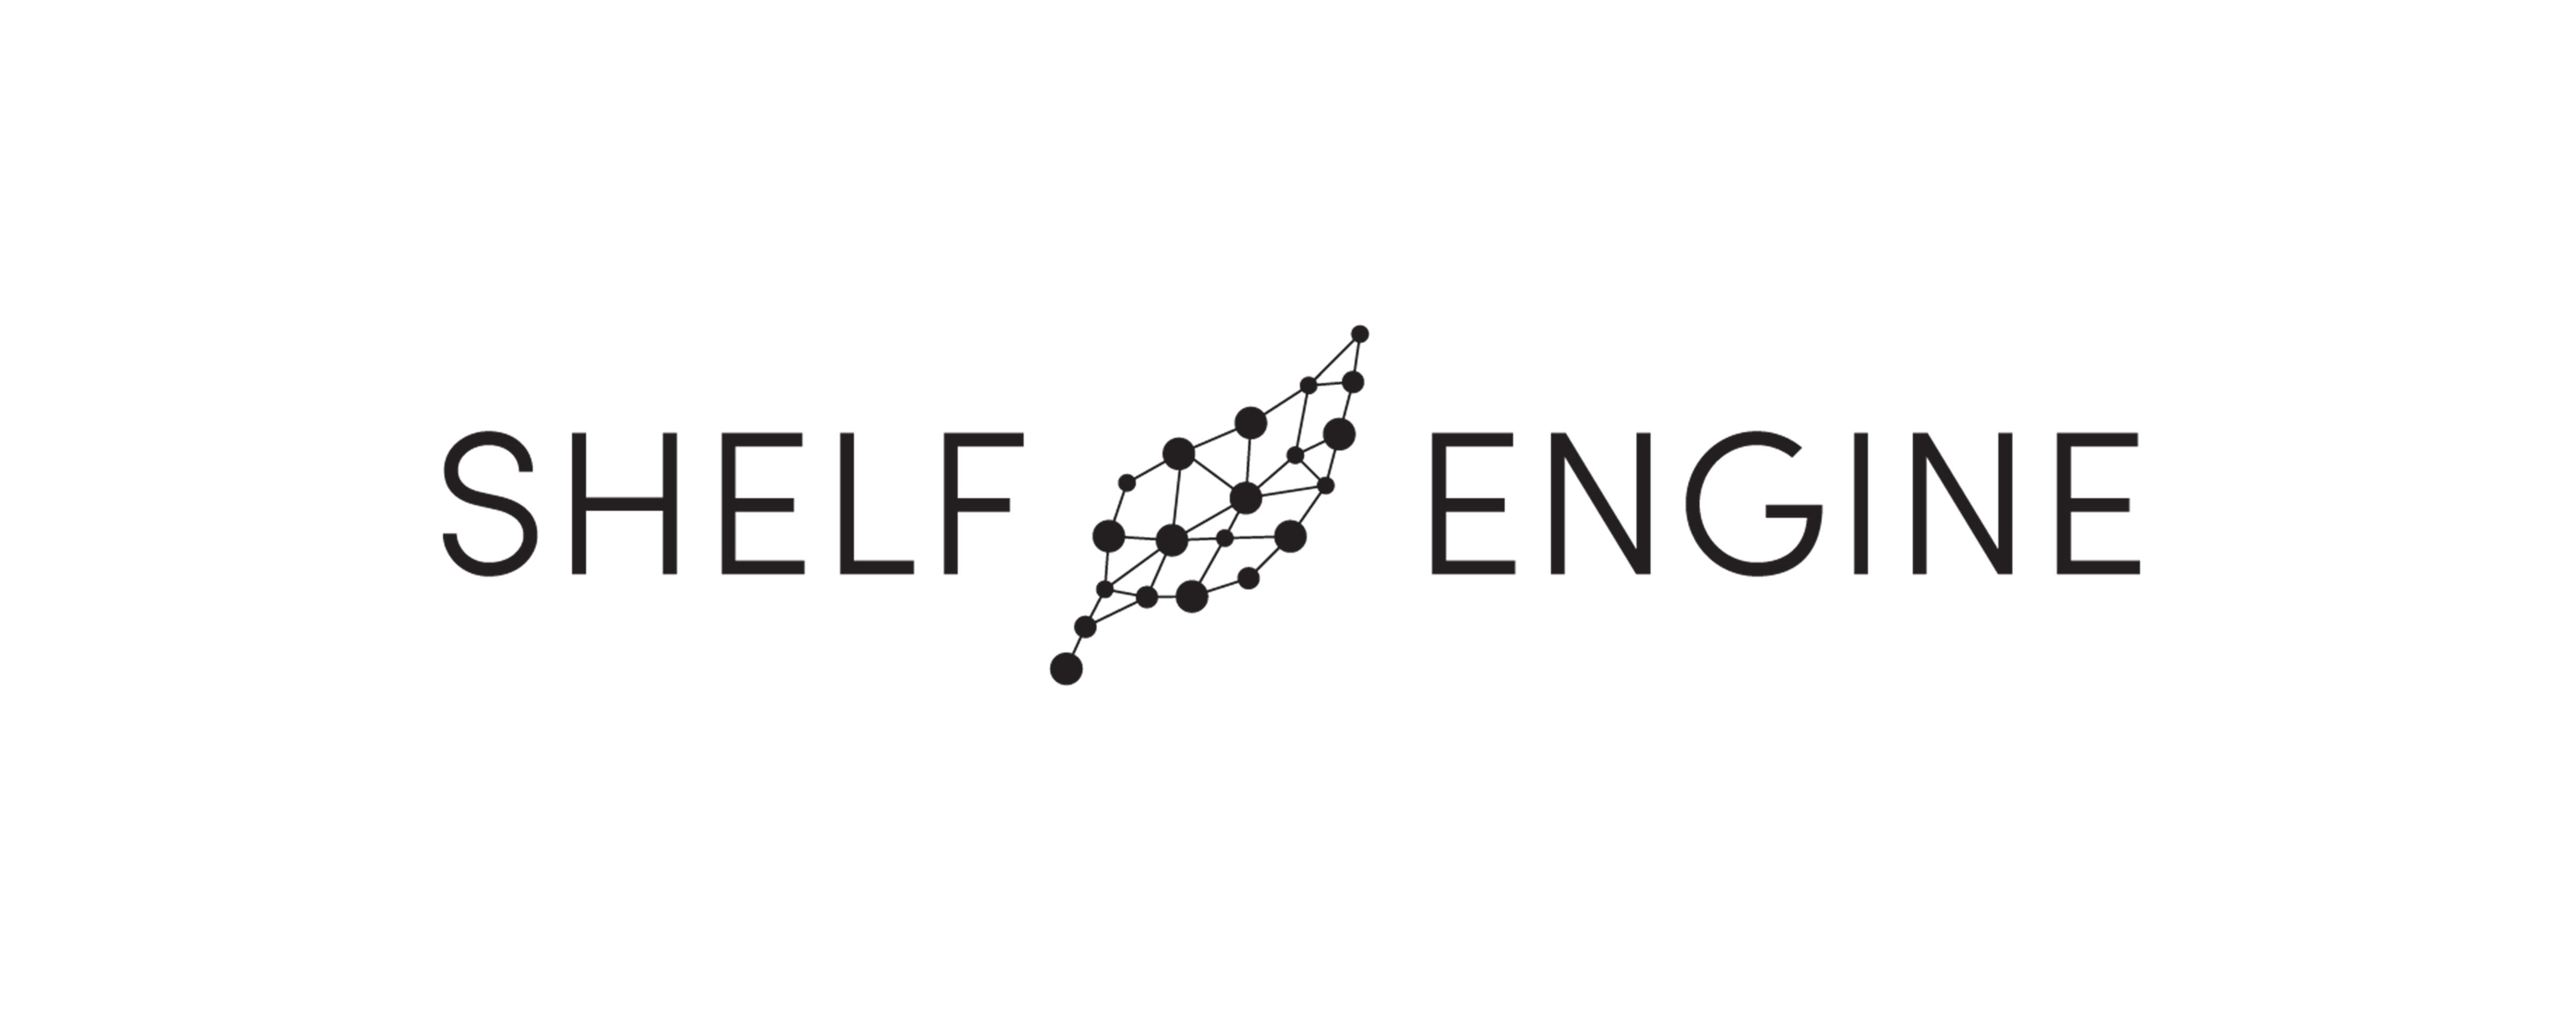 Shelf Engine 500x200 Logo